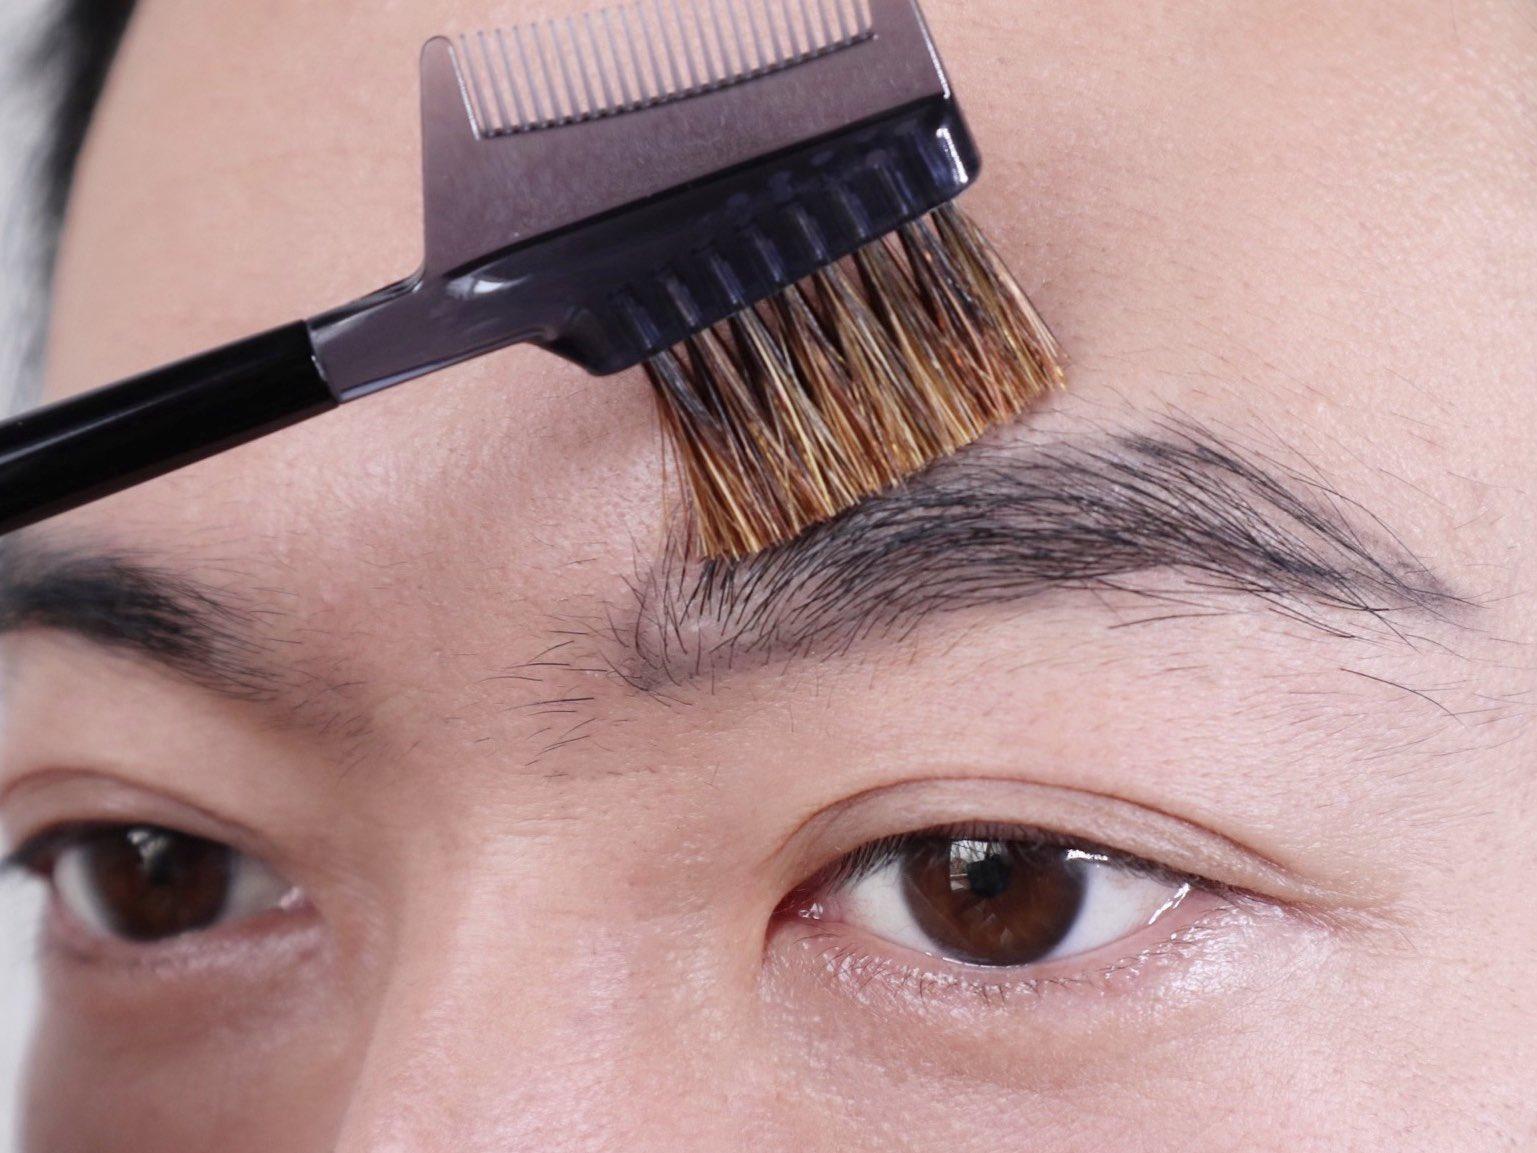 社会人の眉毛の正しい位置-コーム